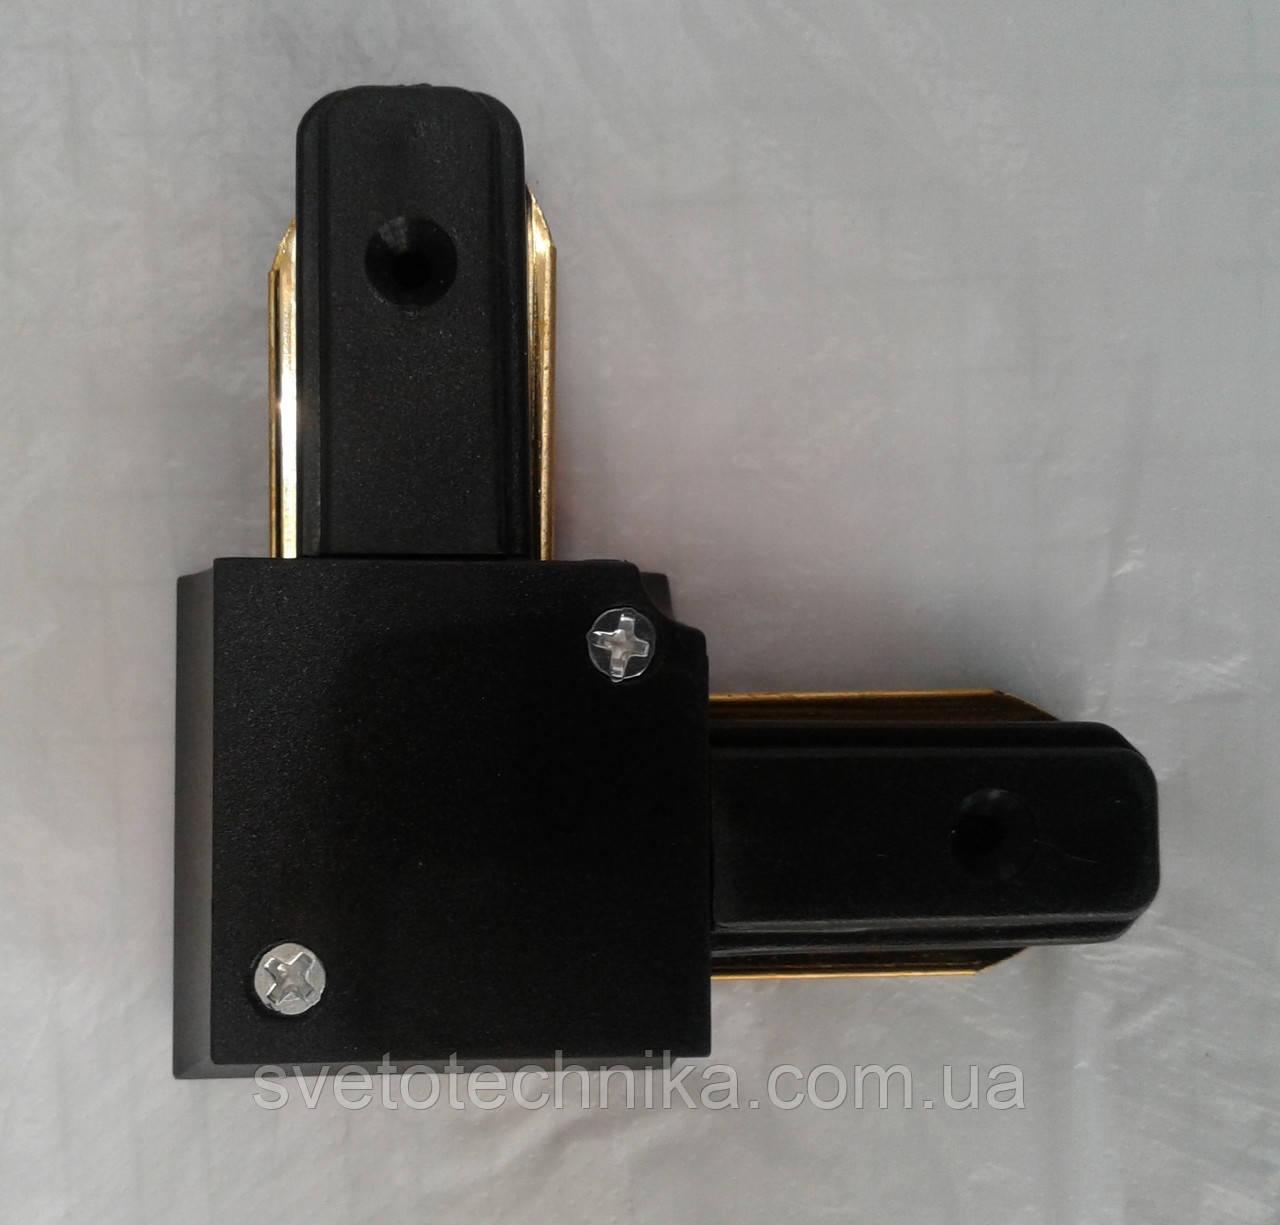 Коннектор угловойFeron LD1001 черный